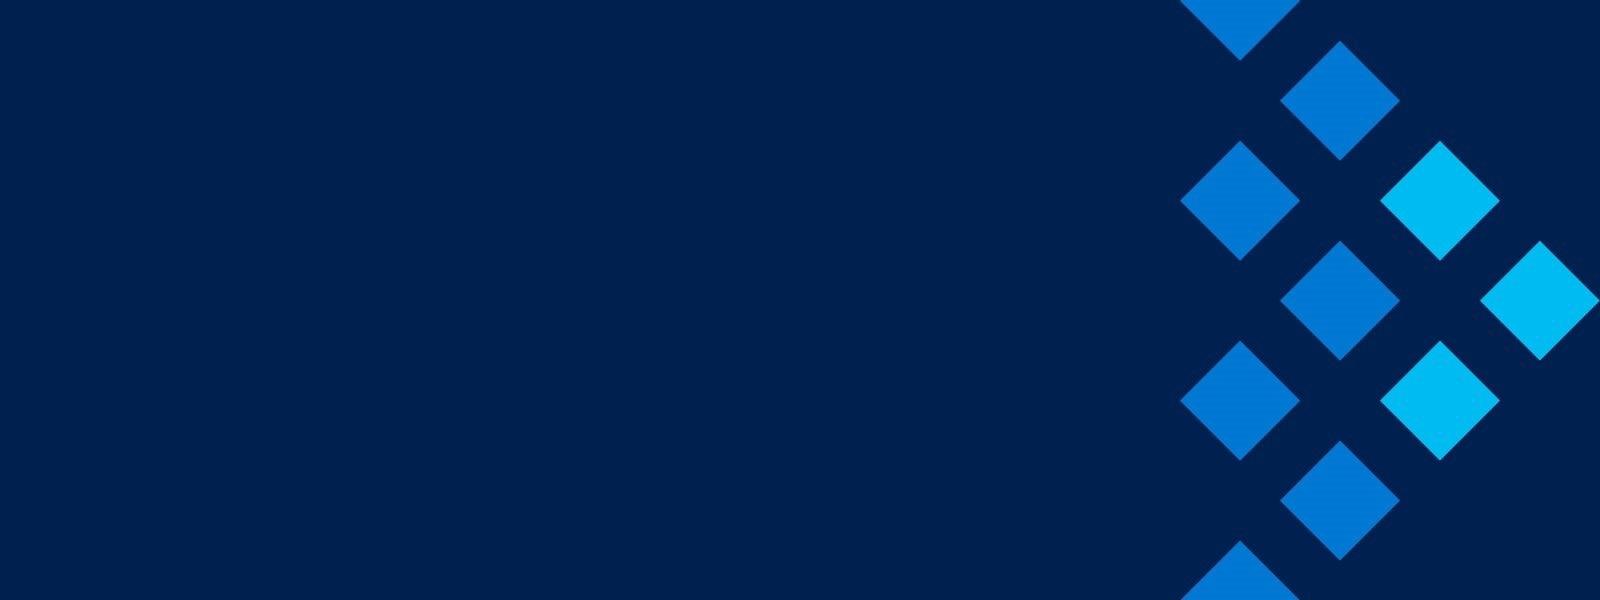 Blauer Hintergrund mit einem Pfeil nach rechts